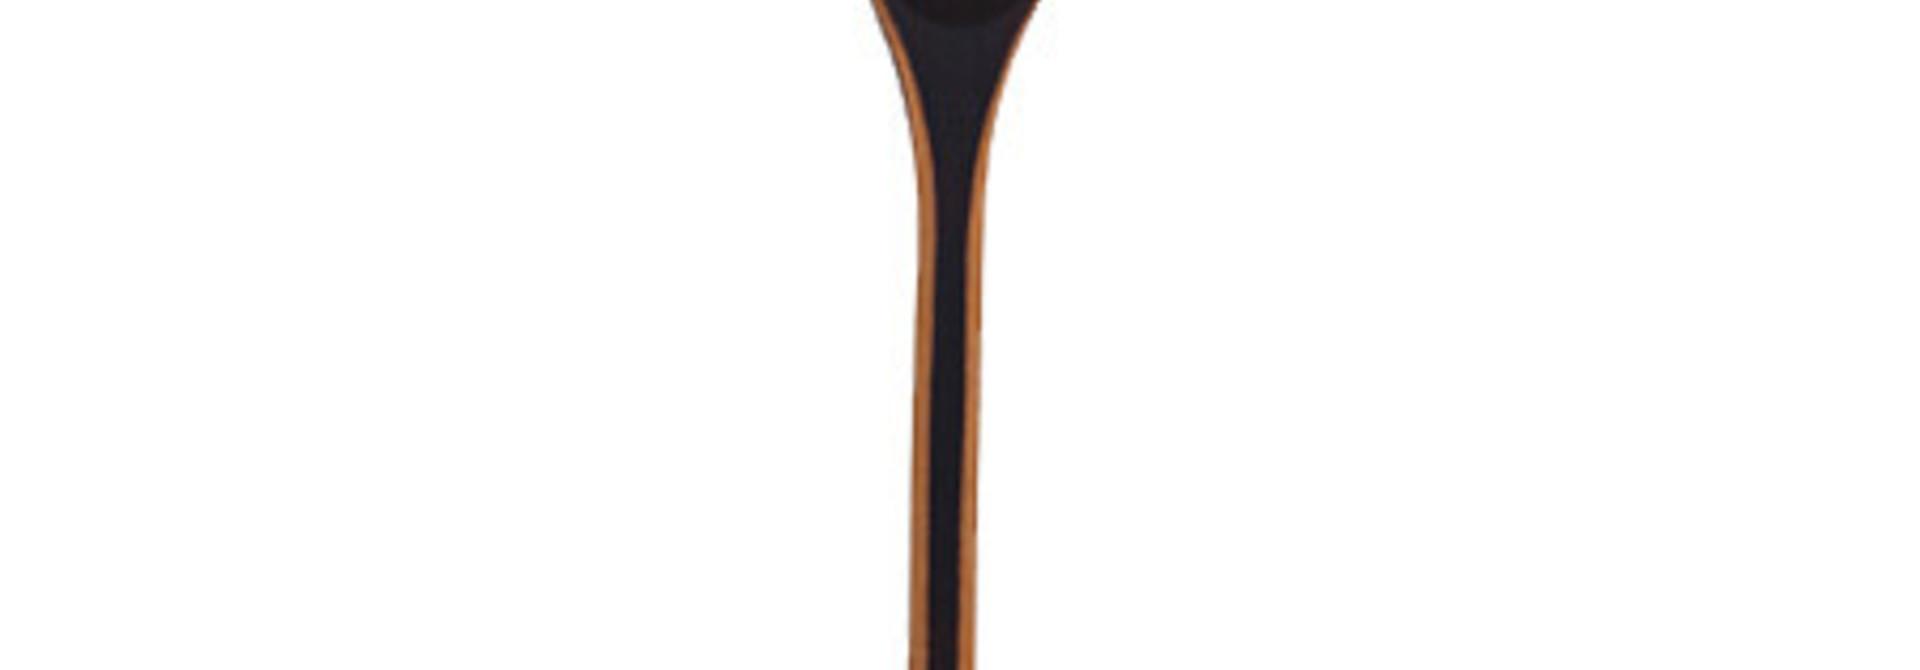 Flame Blackened Slim Spoon